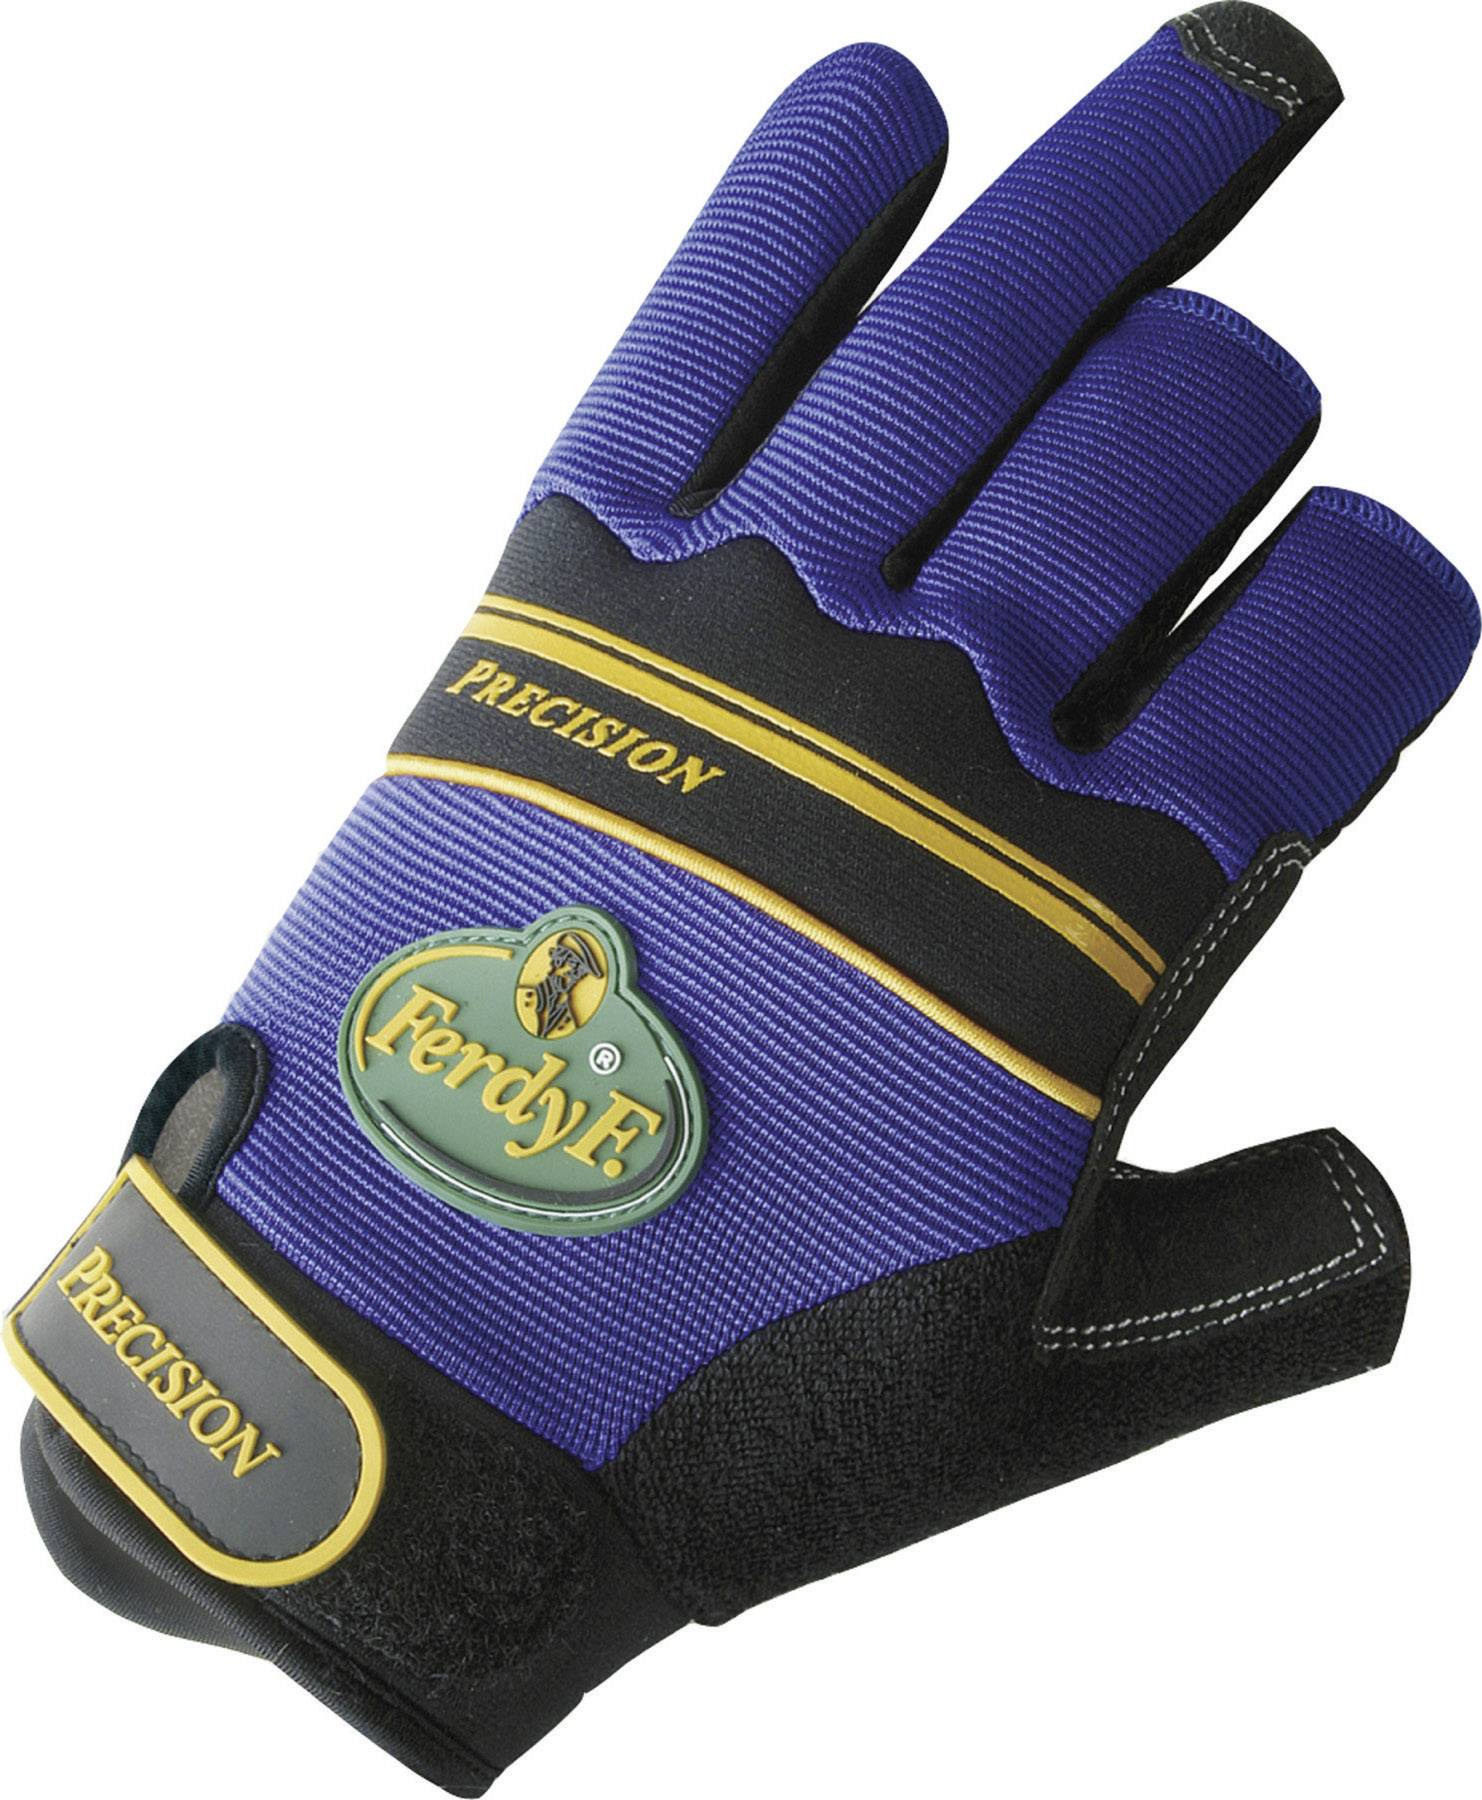 Montážní rukavice FerdyF. PRECISION 1920, velikost rukavic: 11, XXL